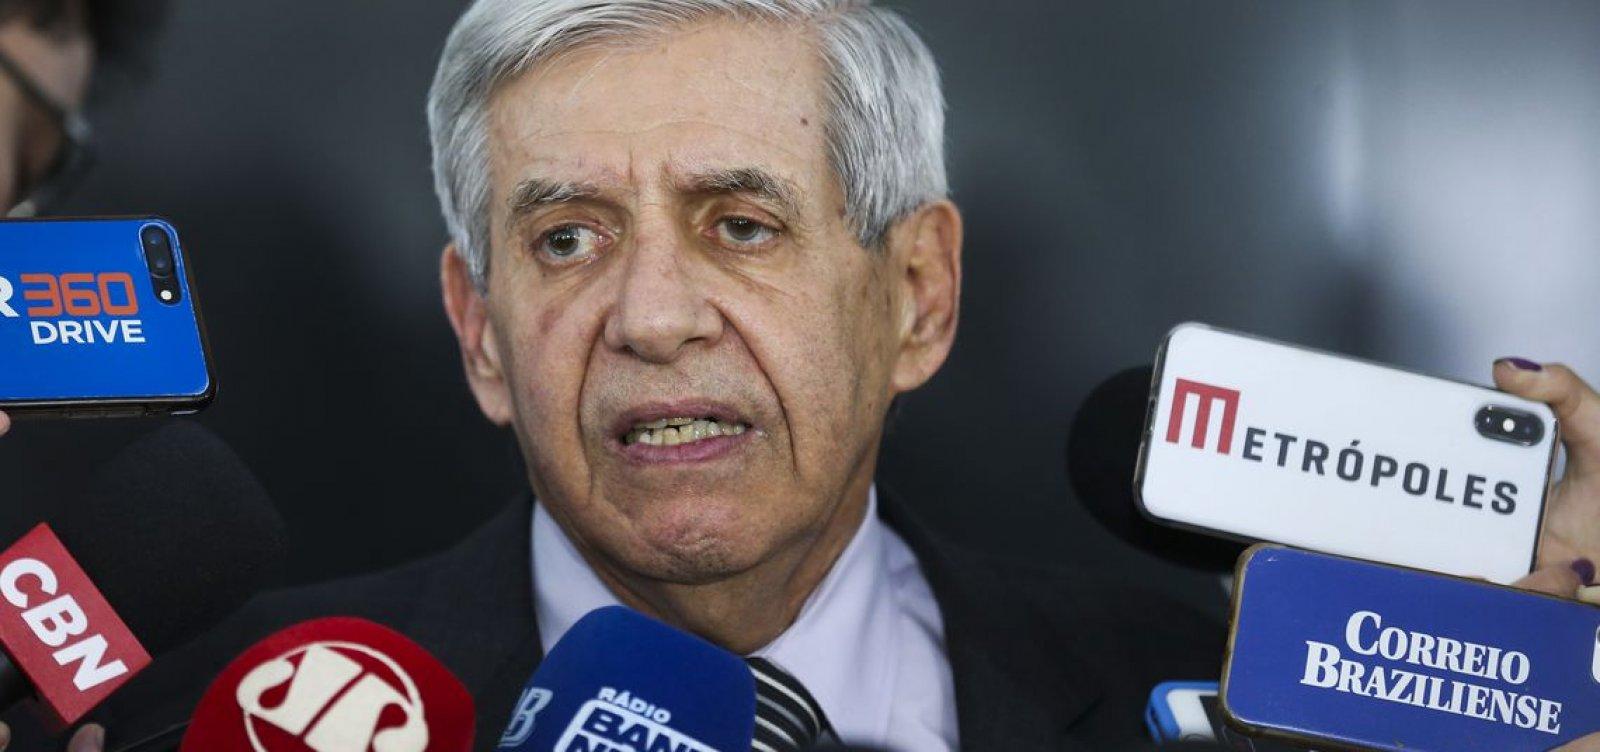 Crise na Venezuela está longe da solução, afirma ministro do GSI